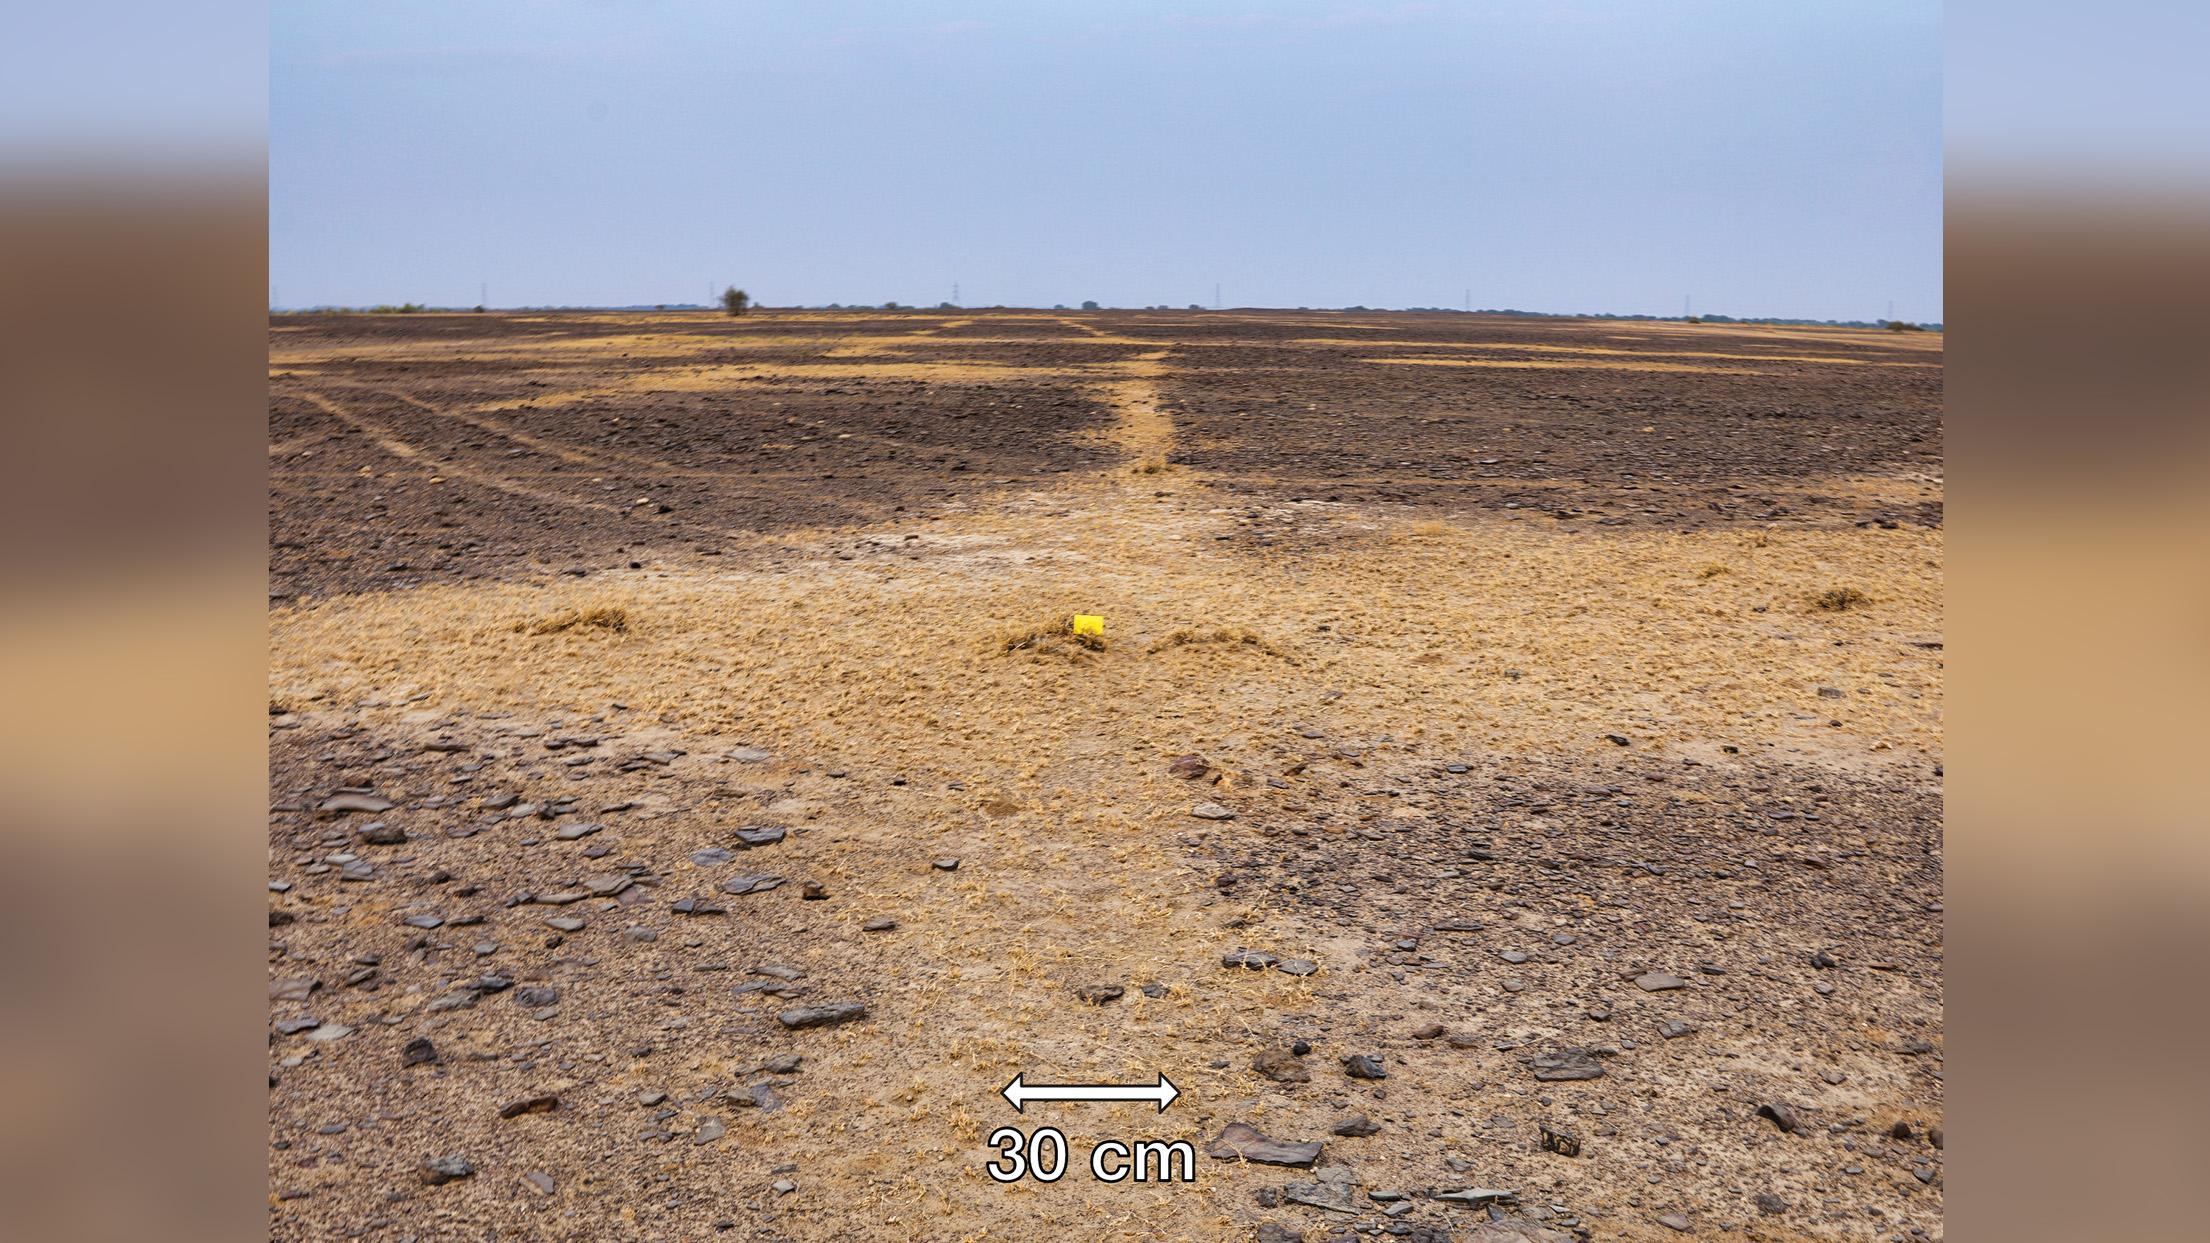 Dans cette image d'un géoglyphe en Inde, vous pouvez voir une ligne de végétation avec du sable et des limons, qui se produit pendant la saison sèche.